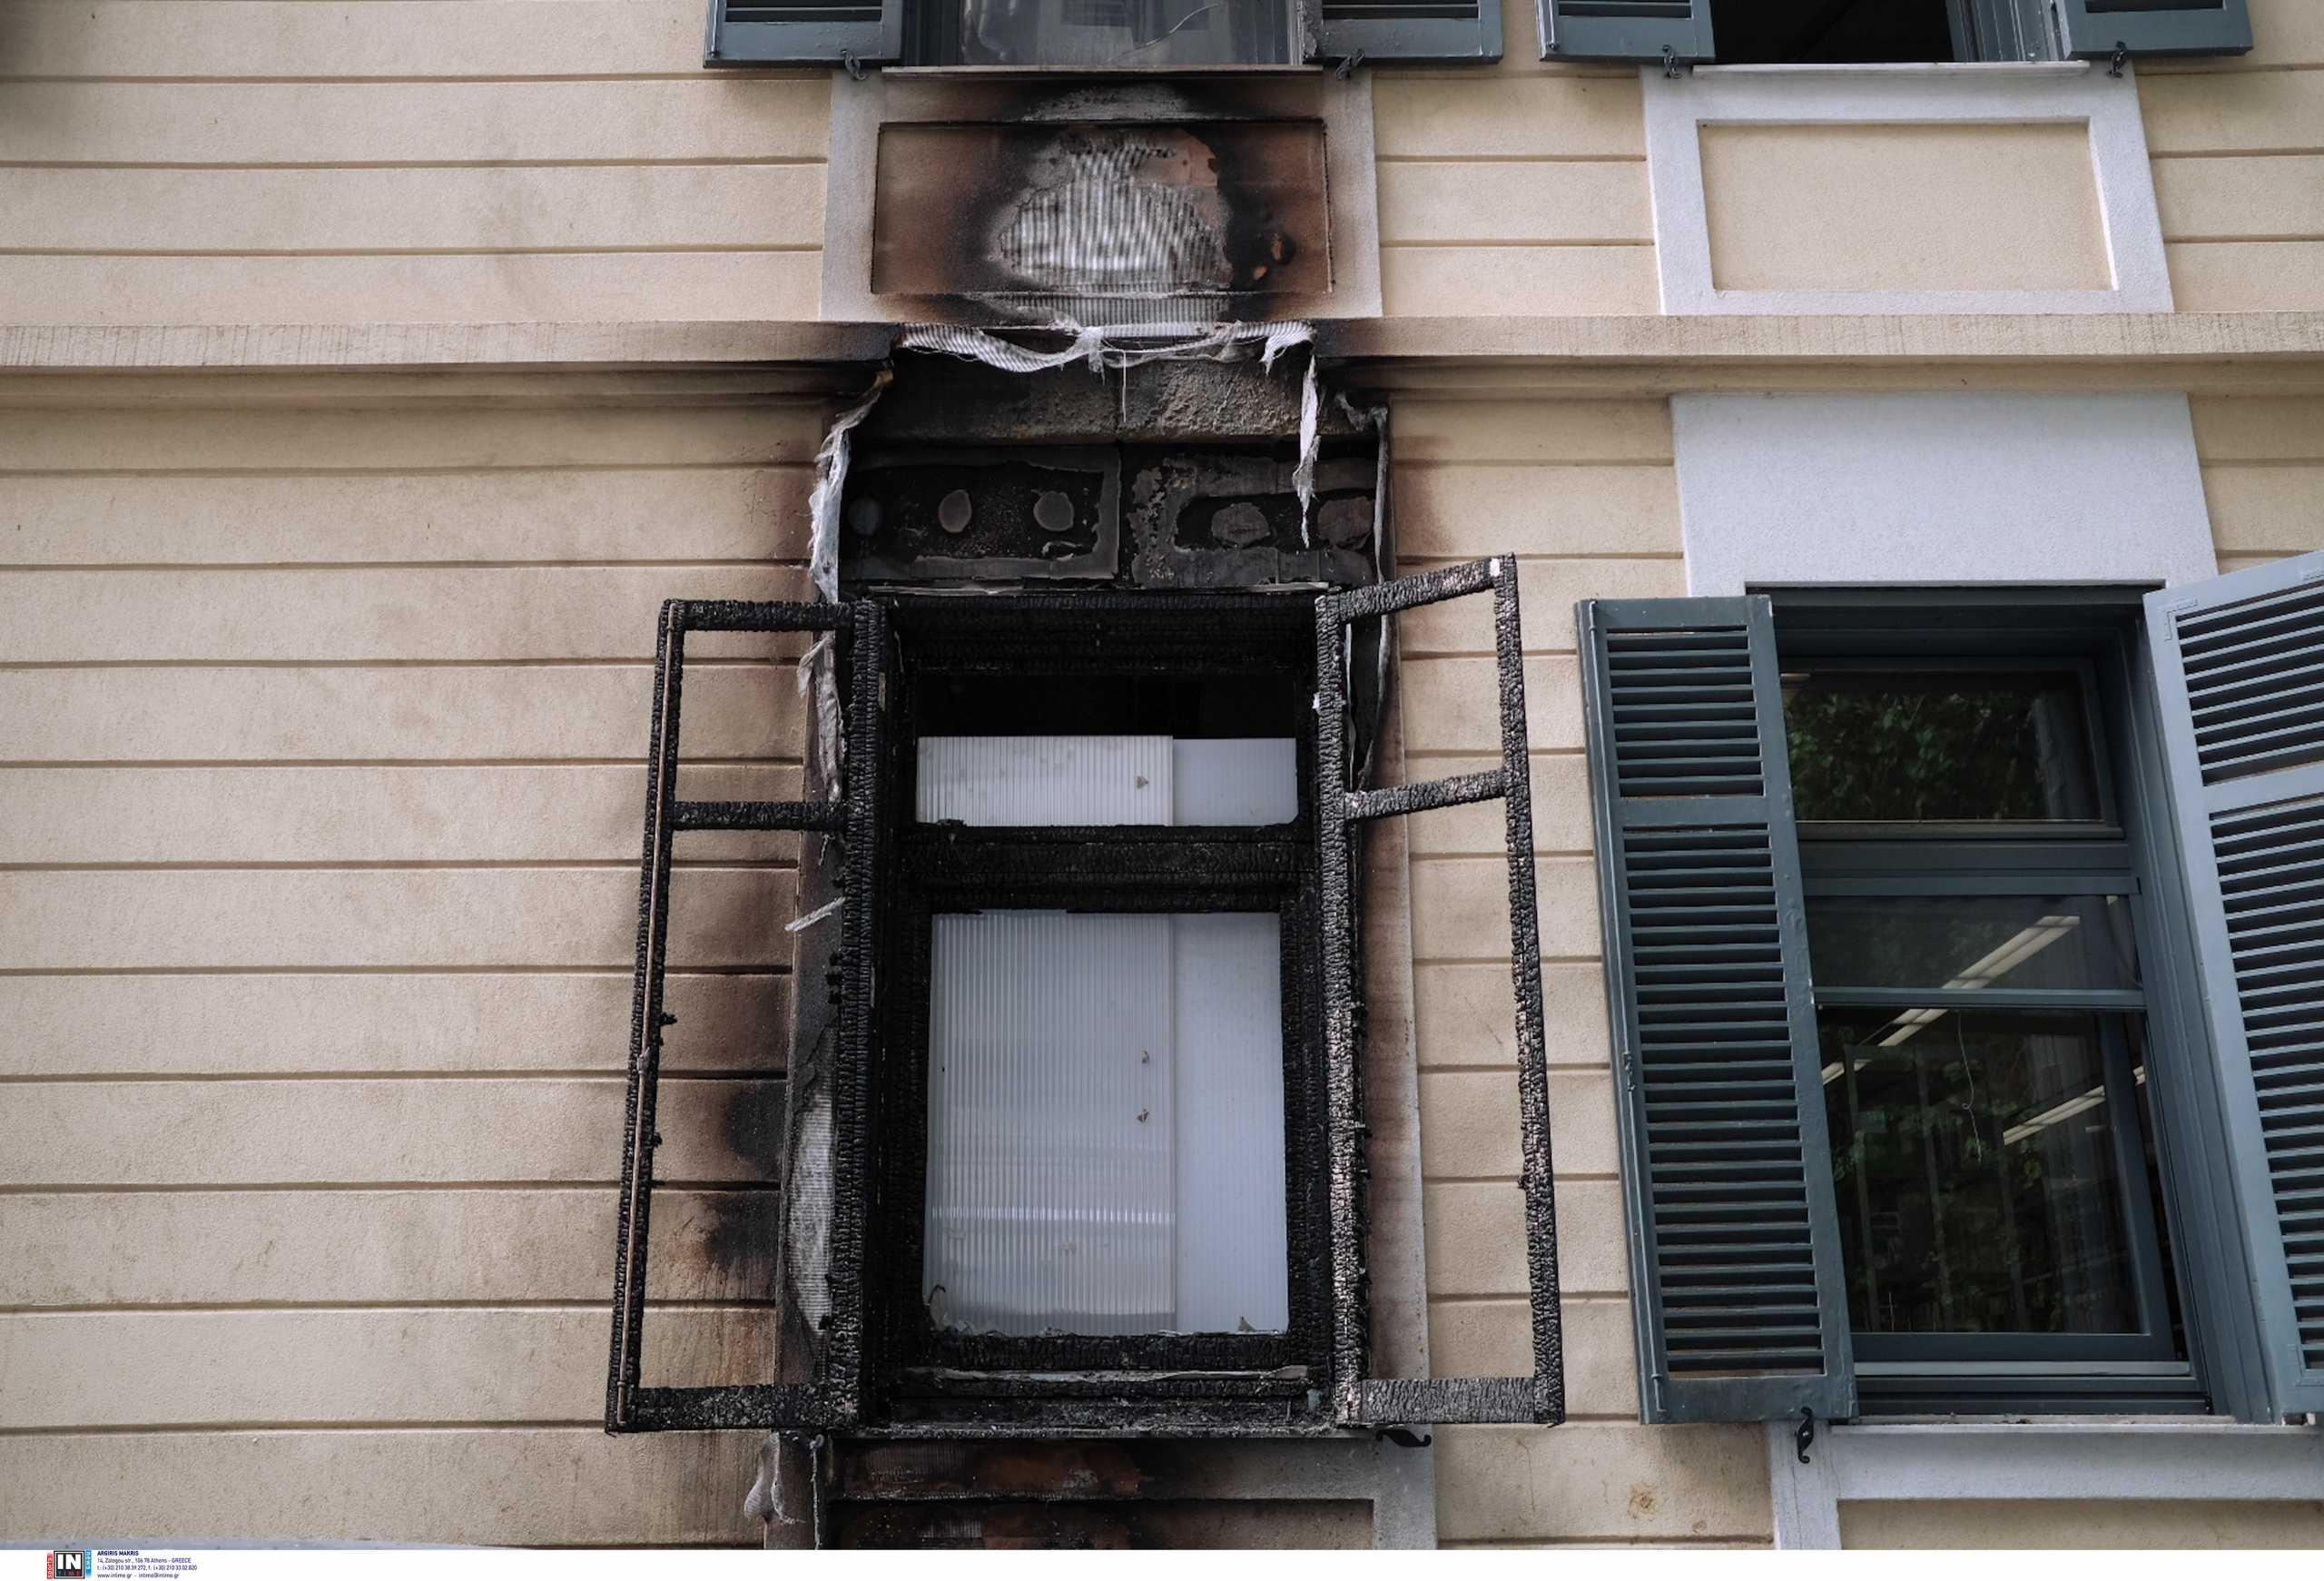 Θεσσαλονίκη: Επίθεση με γκαζάκια στο γερμανικό ινστιτούτο Γκαίτε (pics, vid)